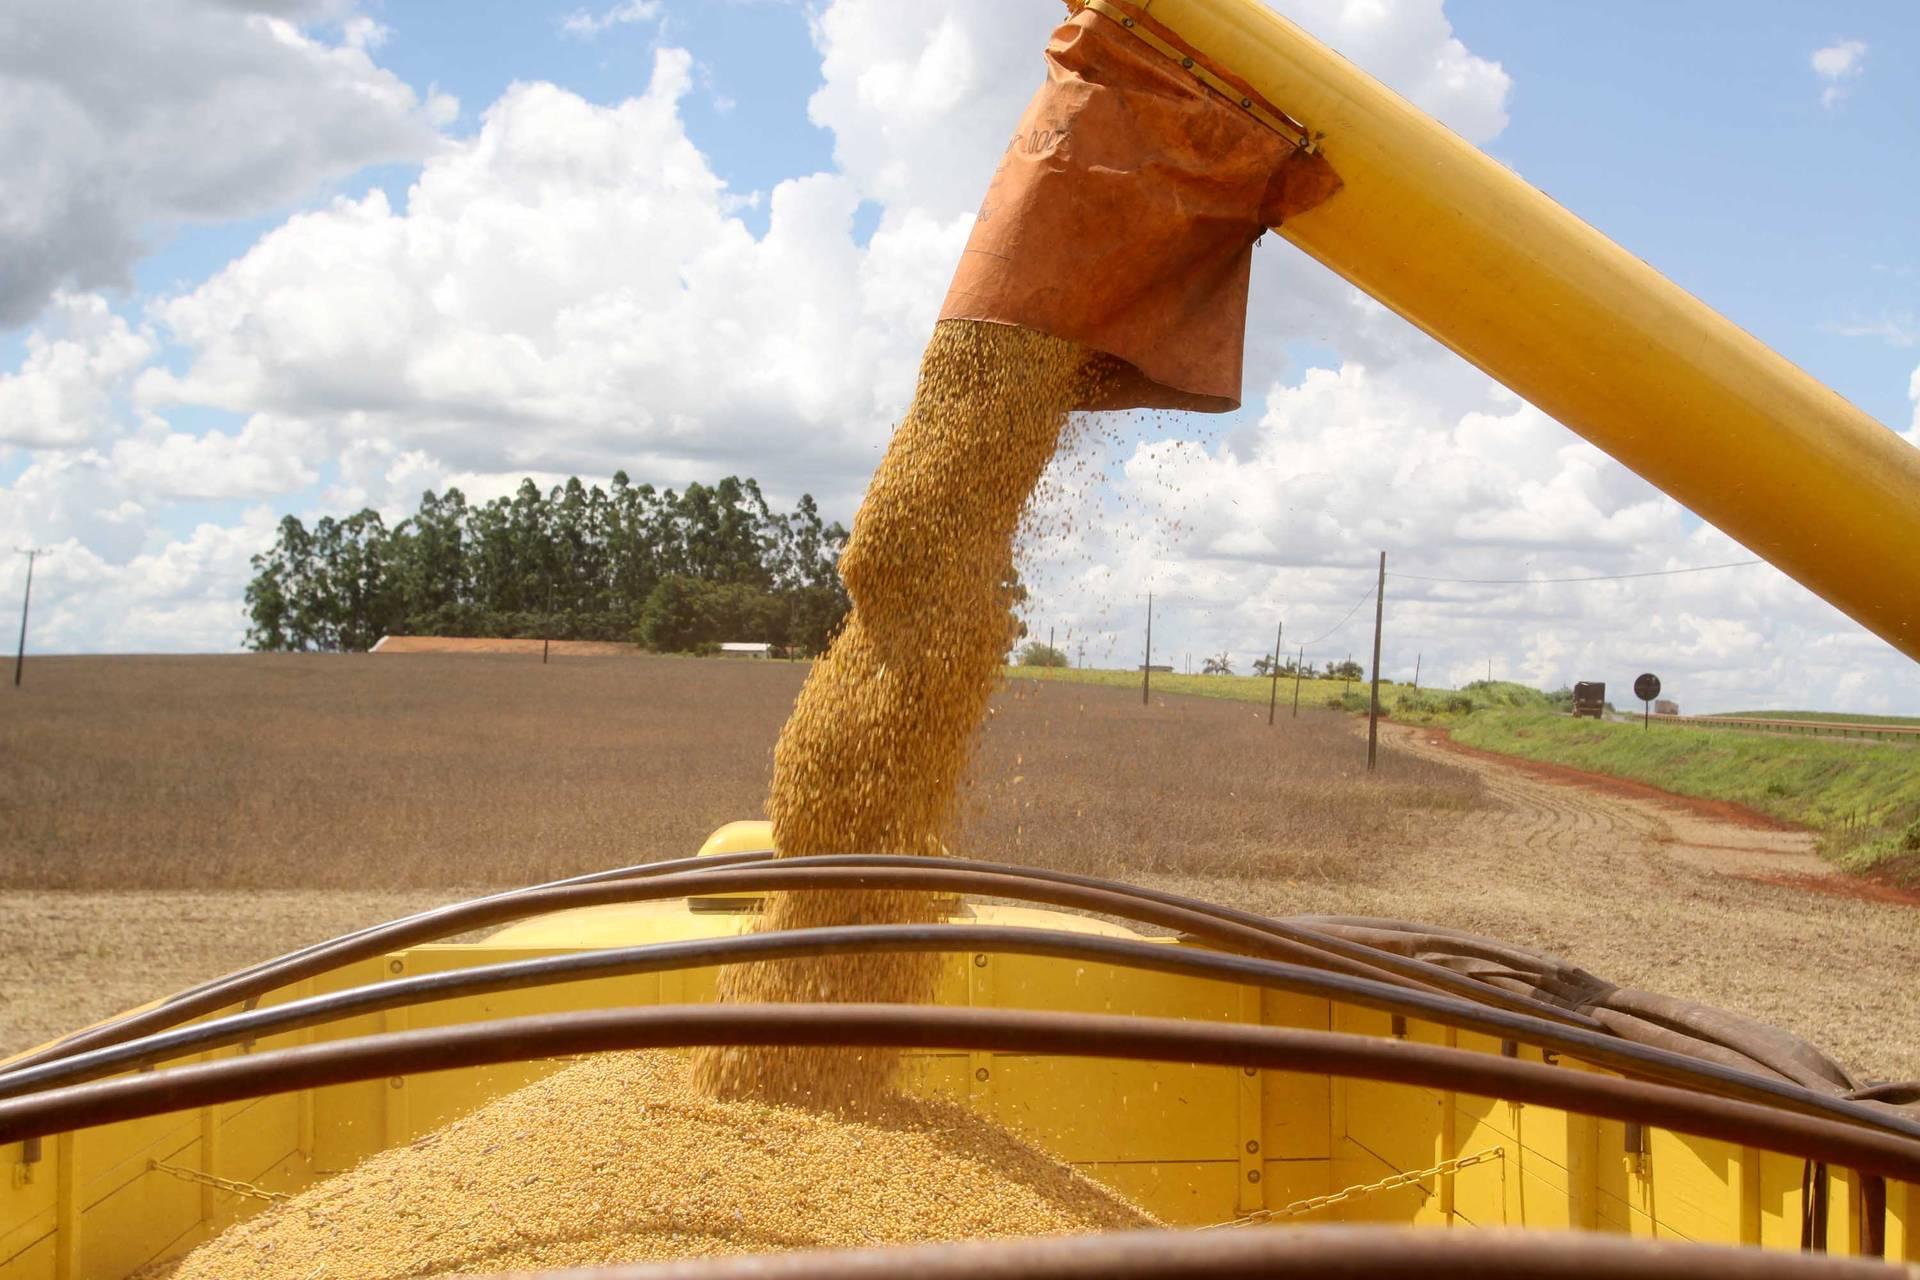 A soja se destaca no relatório deste mês com área recorde de 5,5 milhões de hectares, que pode permitir ao Paraná uma produção próxima de 20 milhões de toneladas